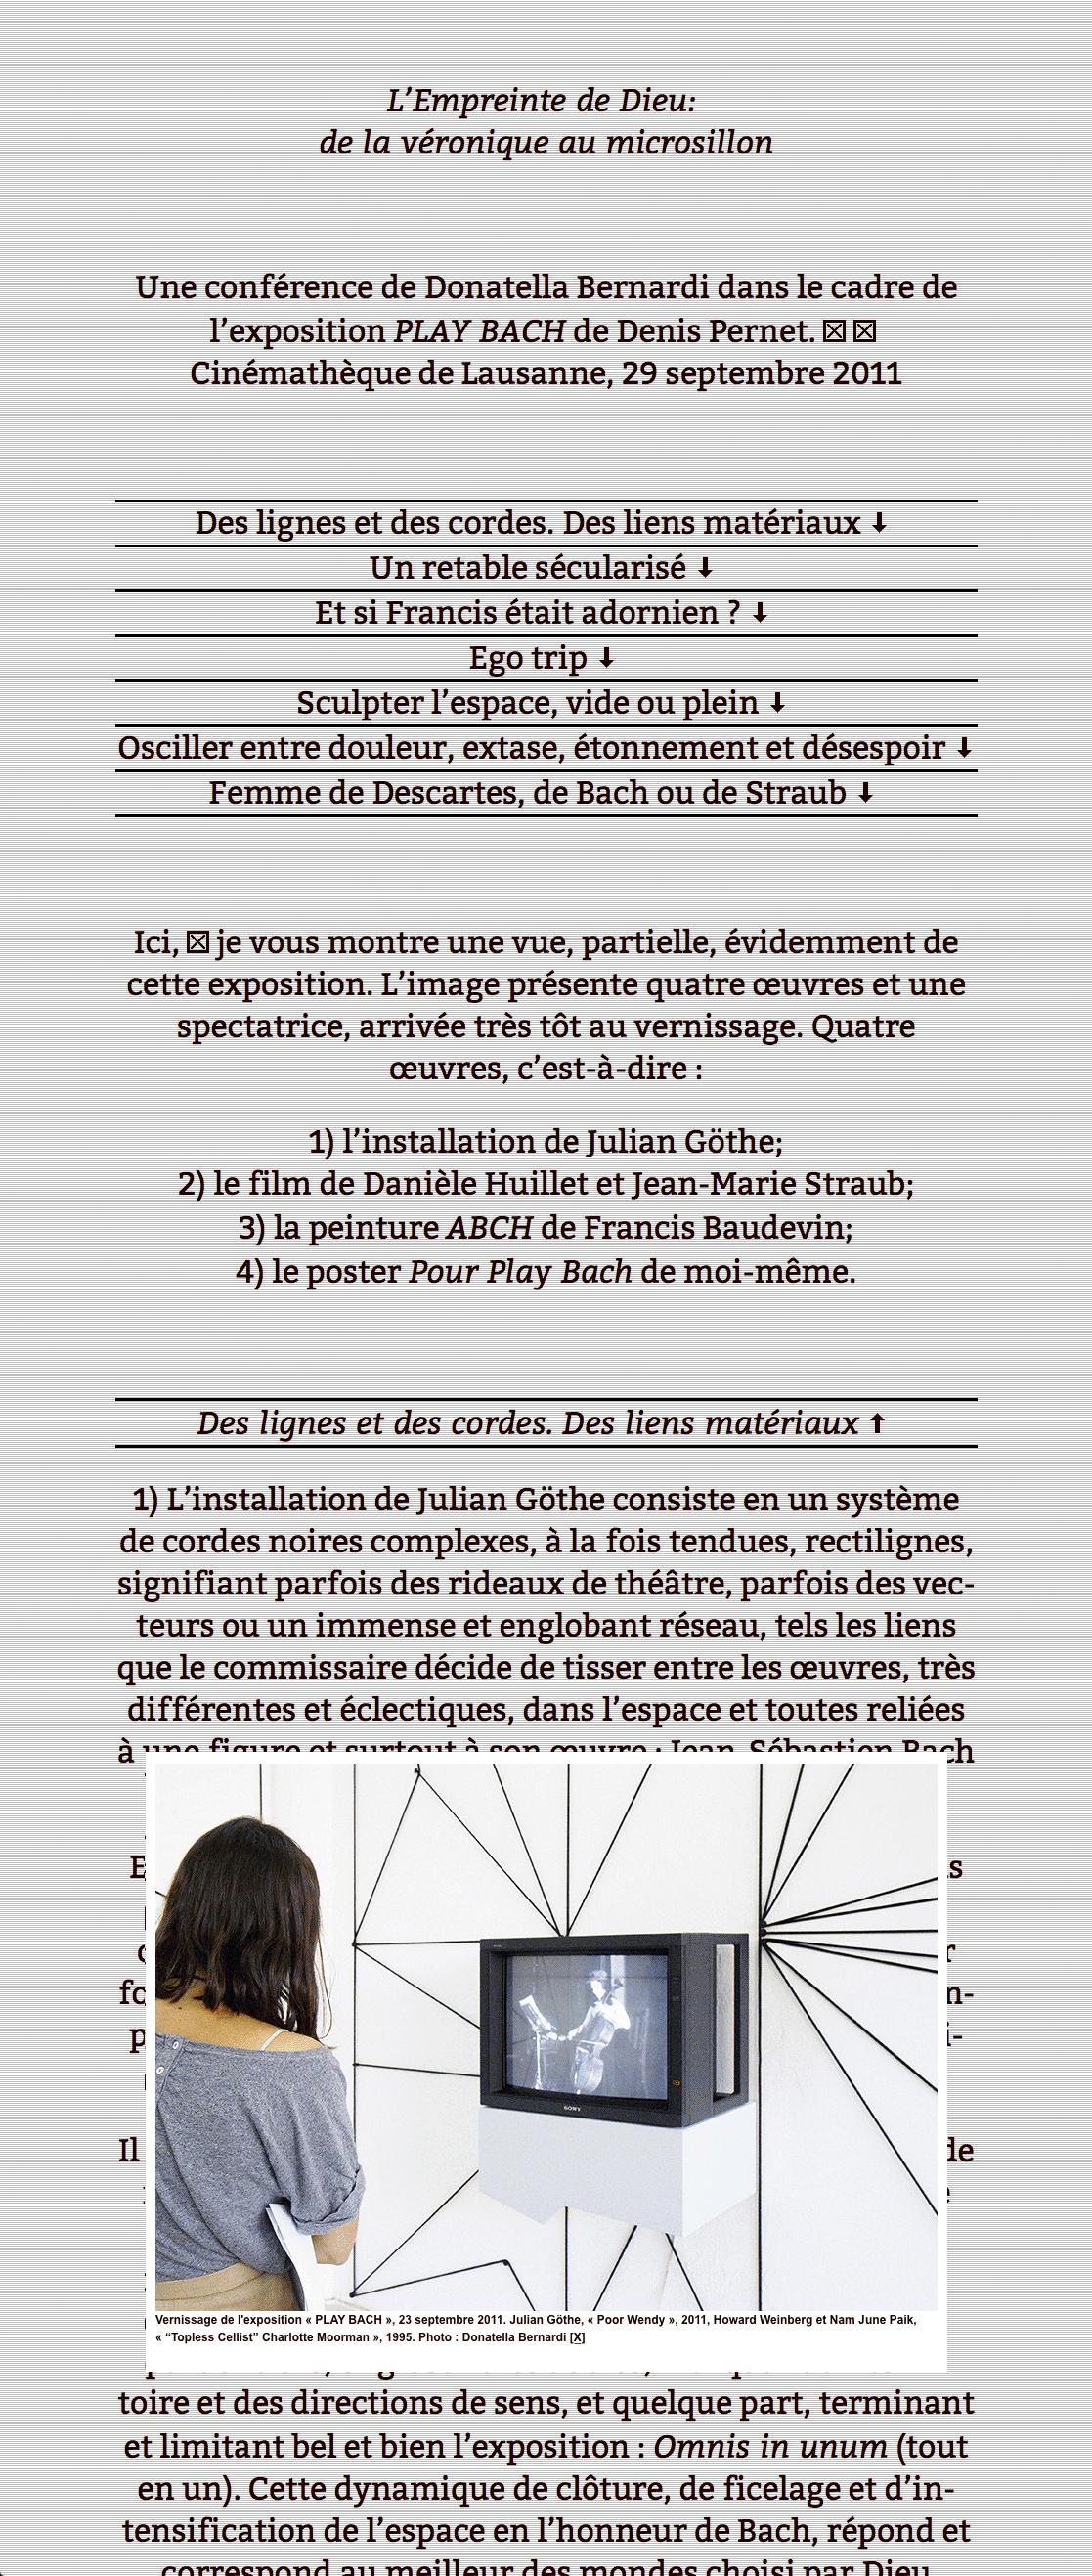 «Édition html» d'une conférence de Donatella Bernardi à l'occasion de l'exposition «Play Bach» organisée par Denis Pernet (détail).